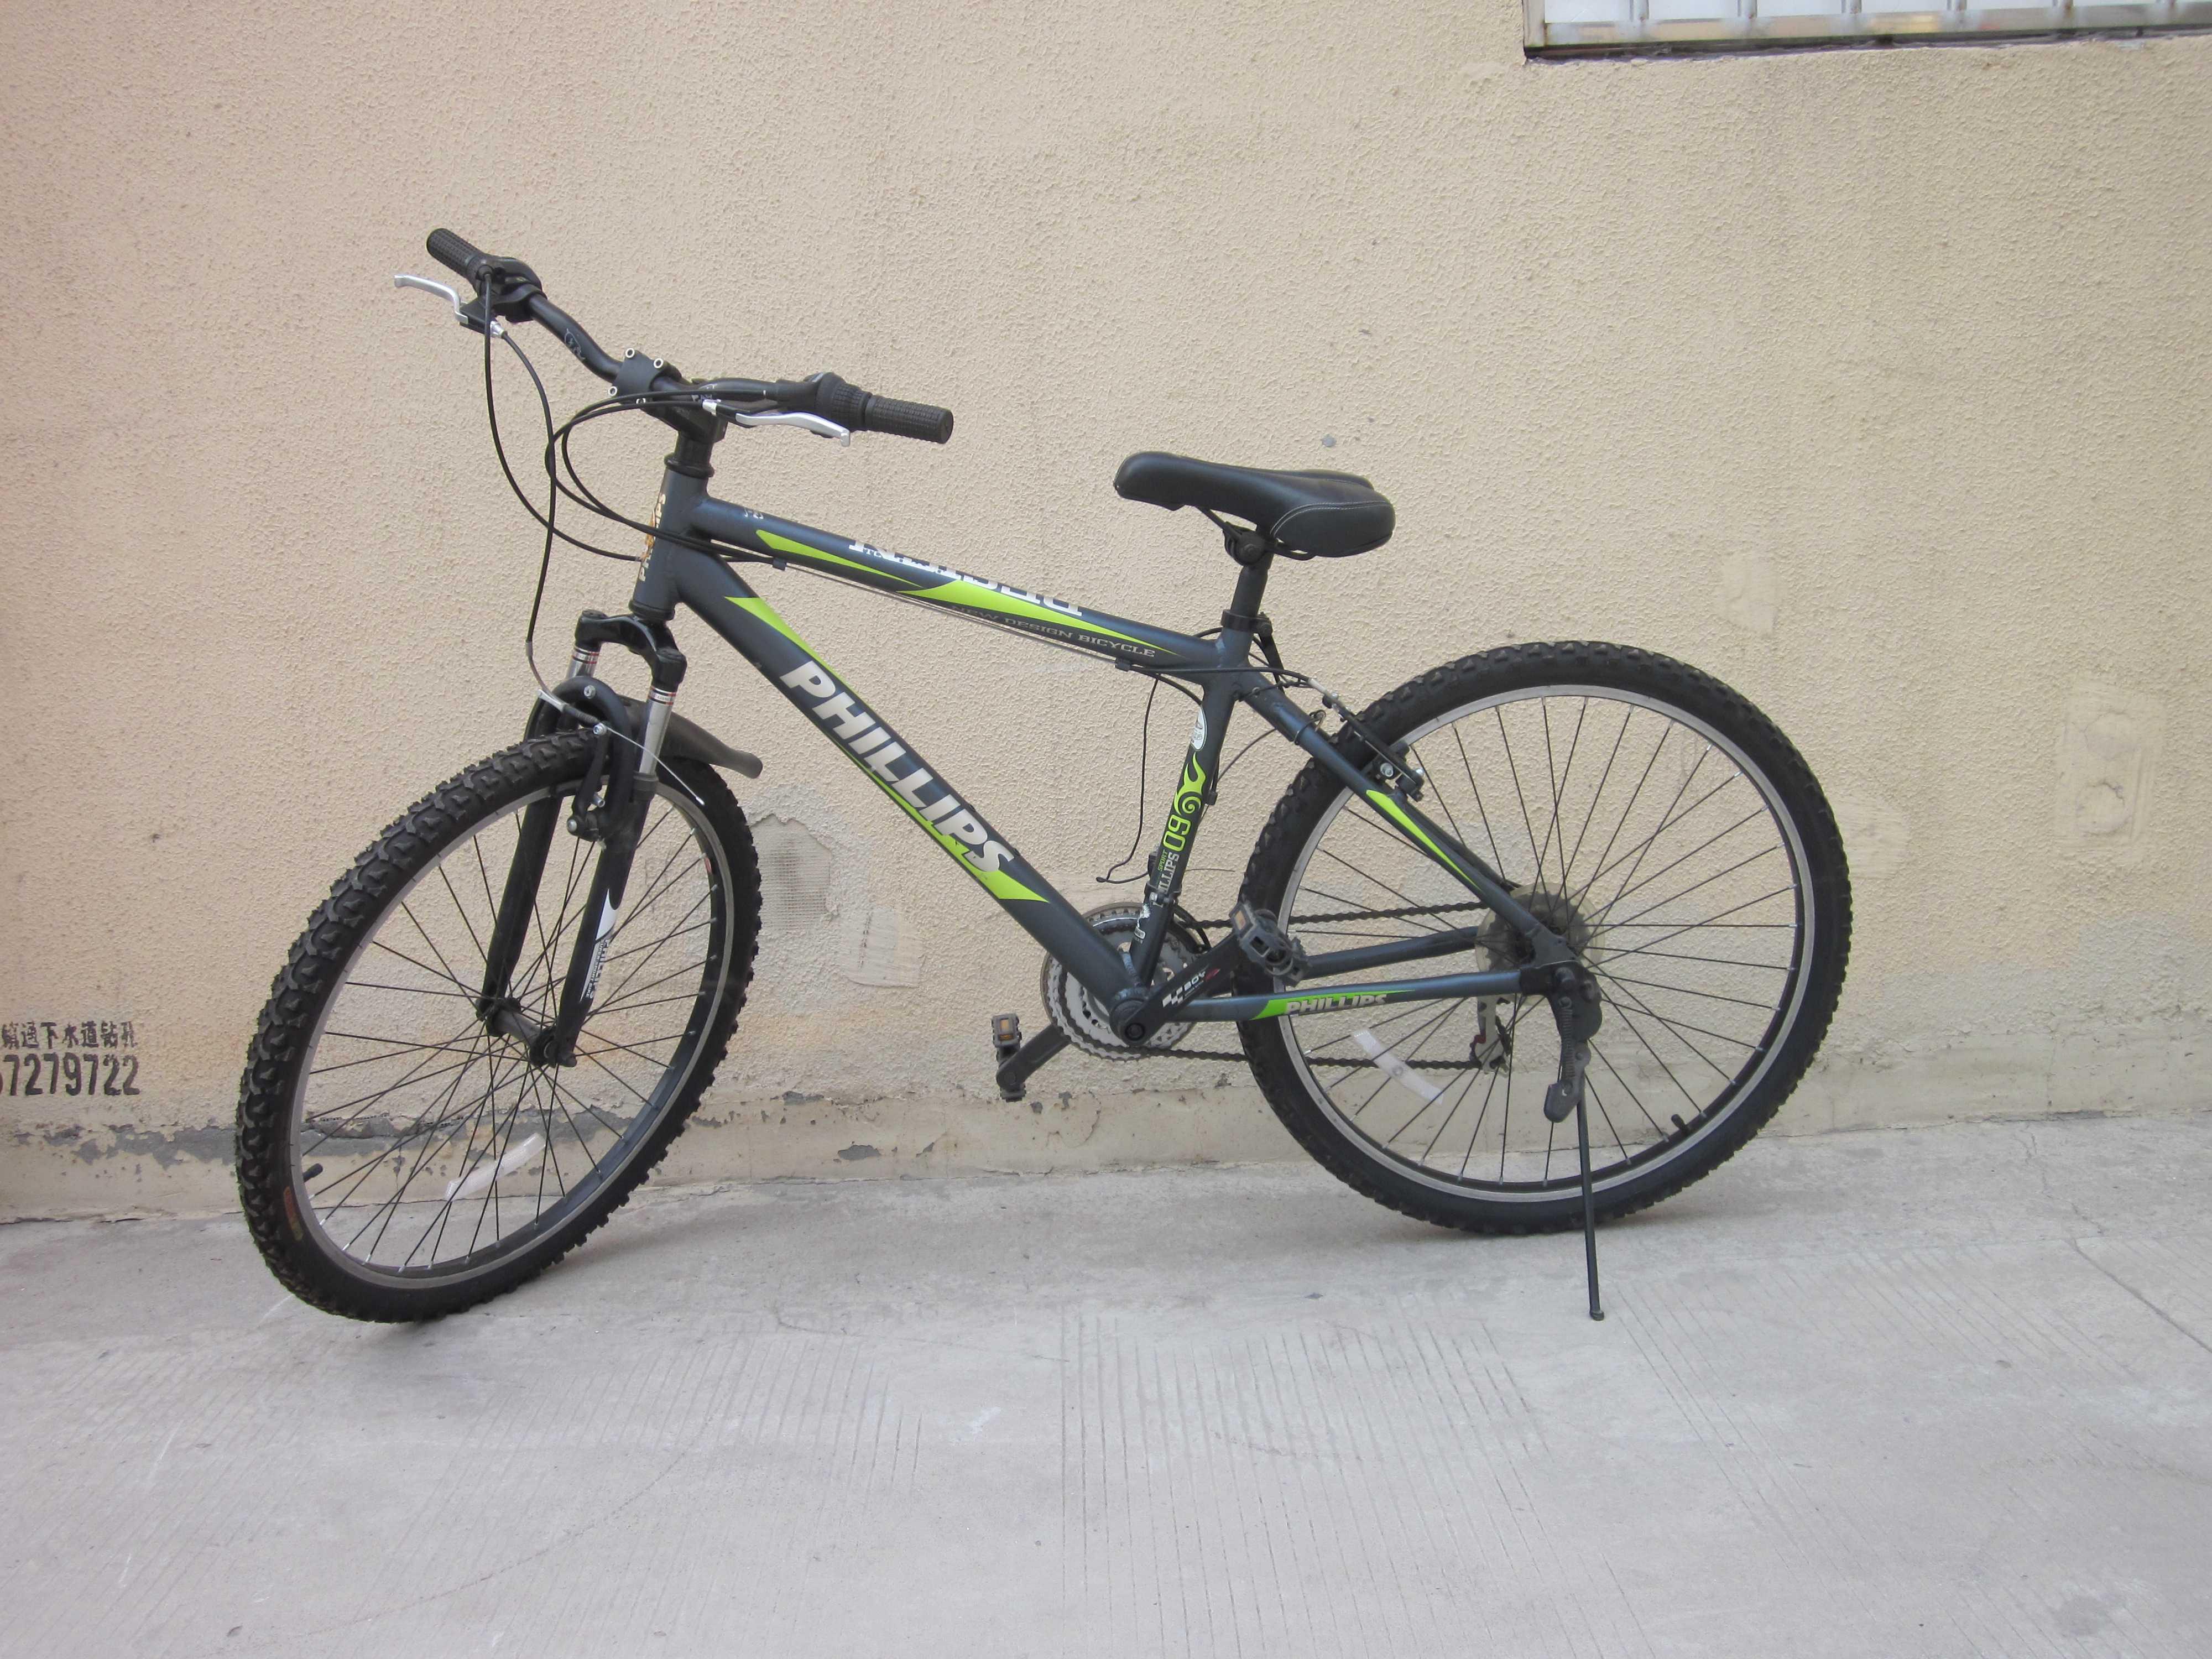 шоссейный велосипед 26-дюймовые рекламные Филлипс велосипедов алюминиевая рама/диск/ximanuo переменной скорости дороги горный велосипед